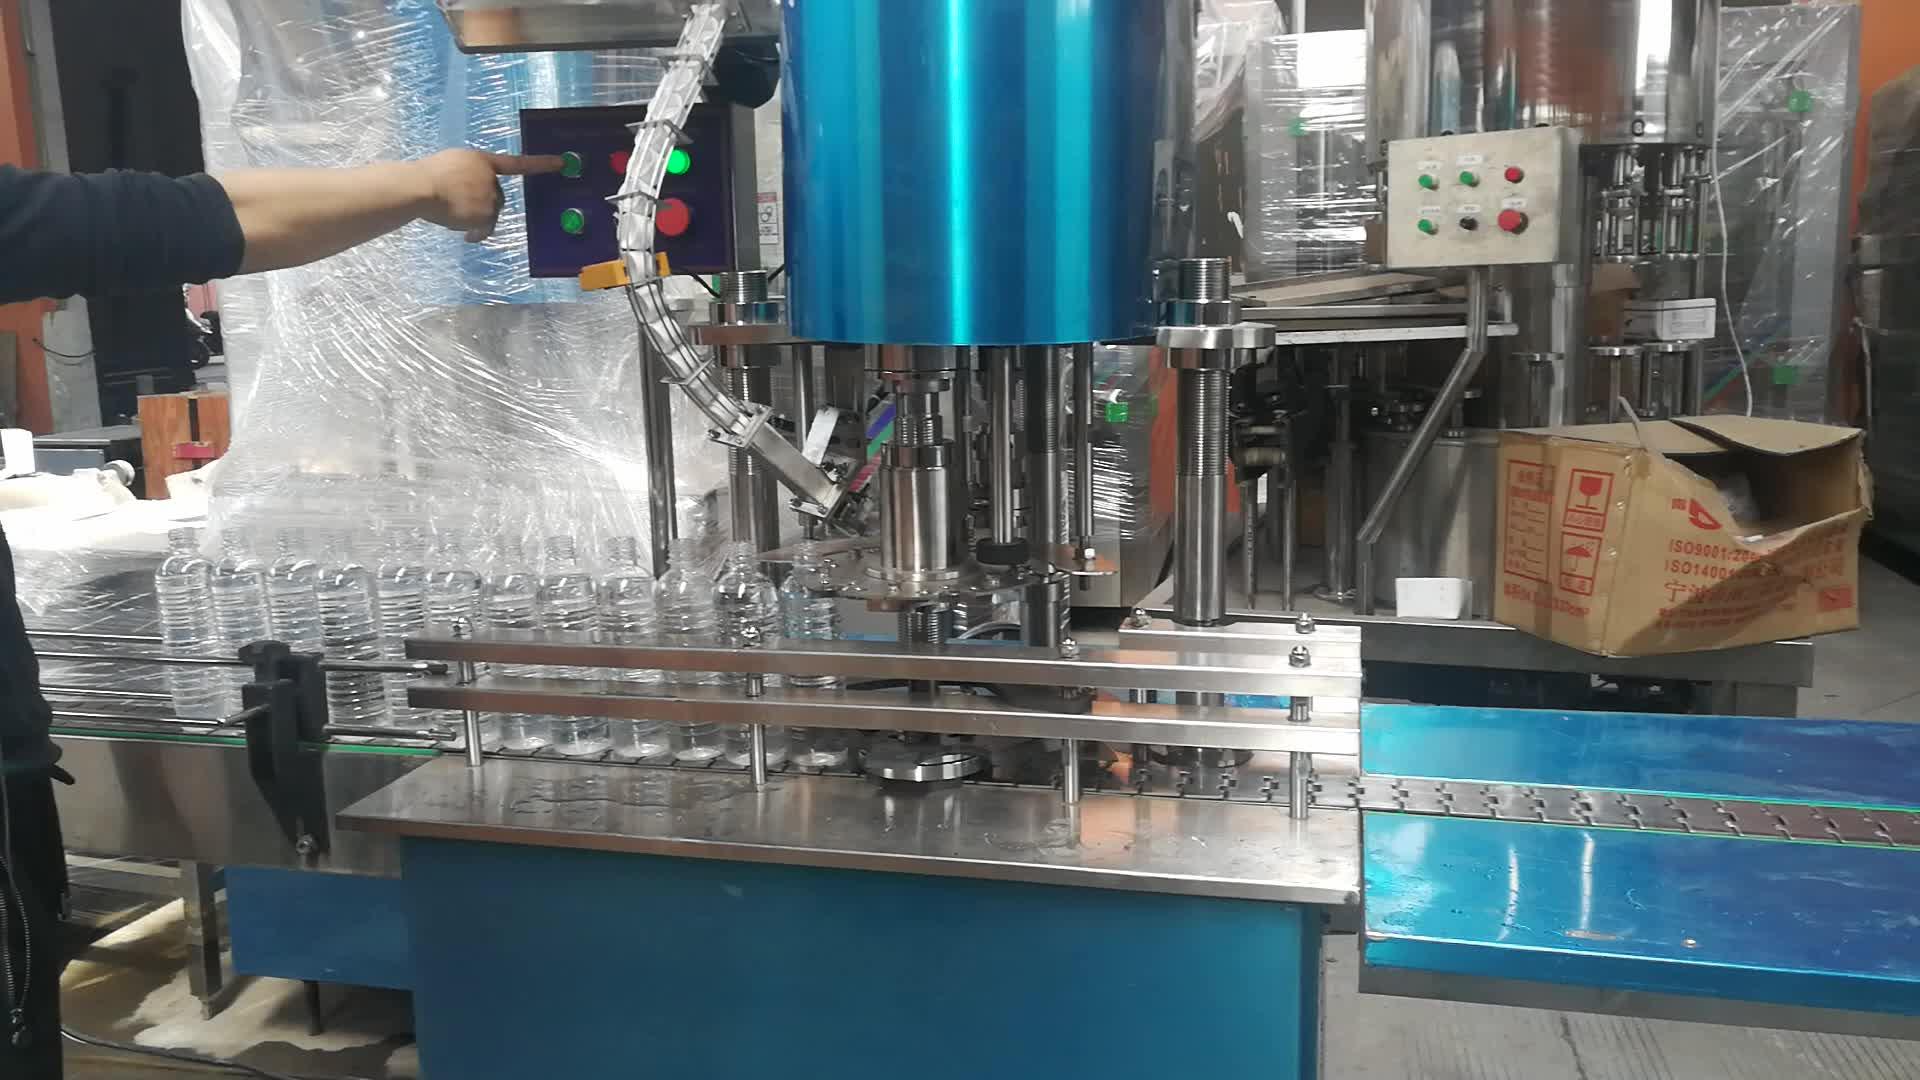 Gargalo de garrafa de aperto PET 2000BPH separada de lavagem de enchimento e vedação de máquinas